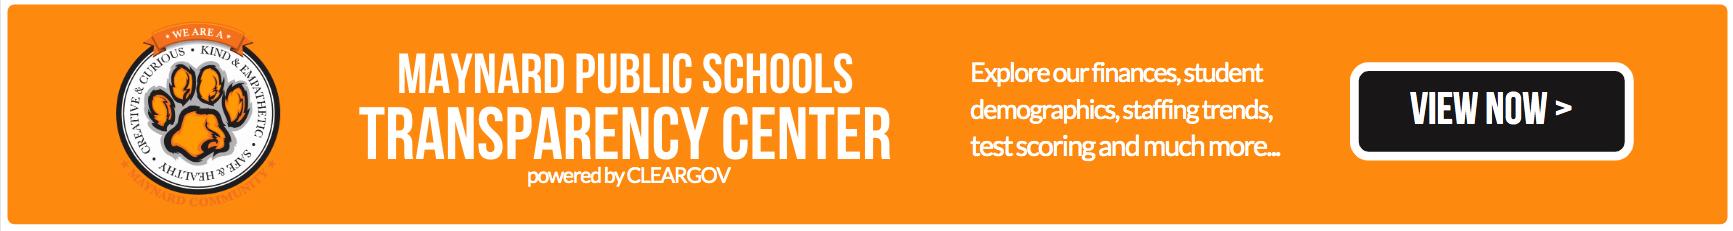 MAYNARD PUBLIC SCHOOLS - TRANSPARENCY CENTER